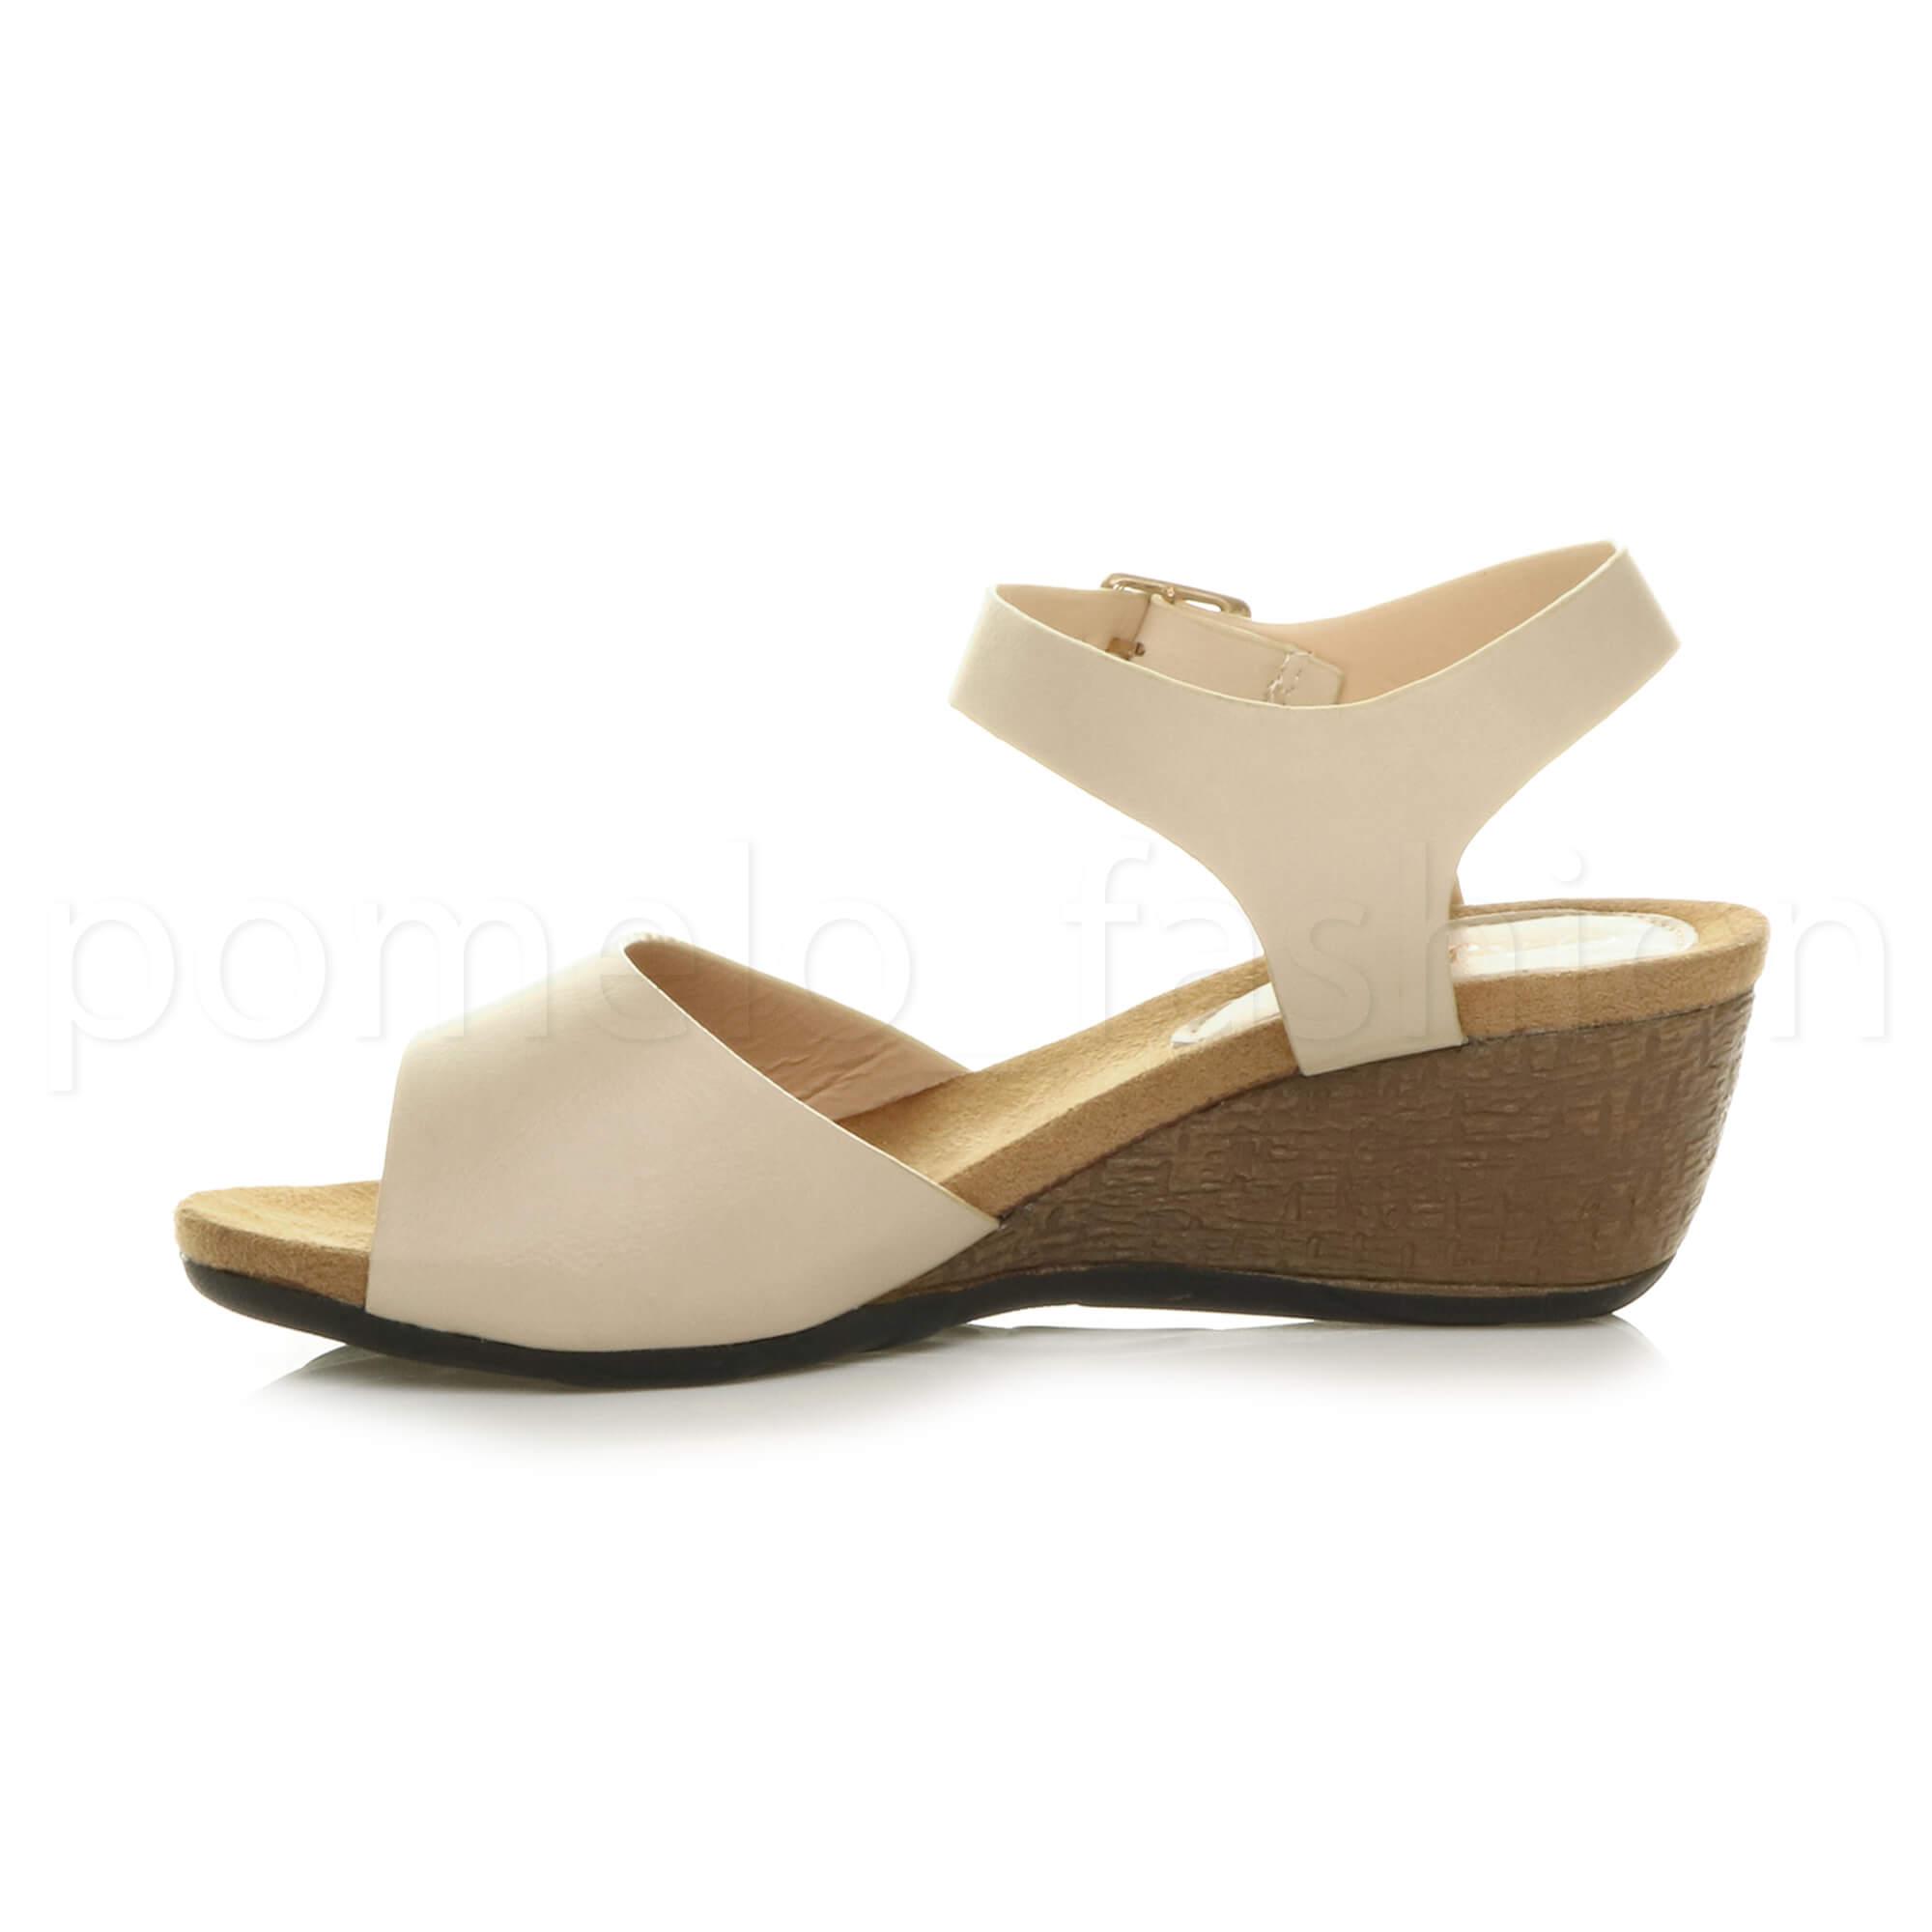 Womens Ladies Low Mid Wedge Heel Ankle Strap Work Summer